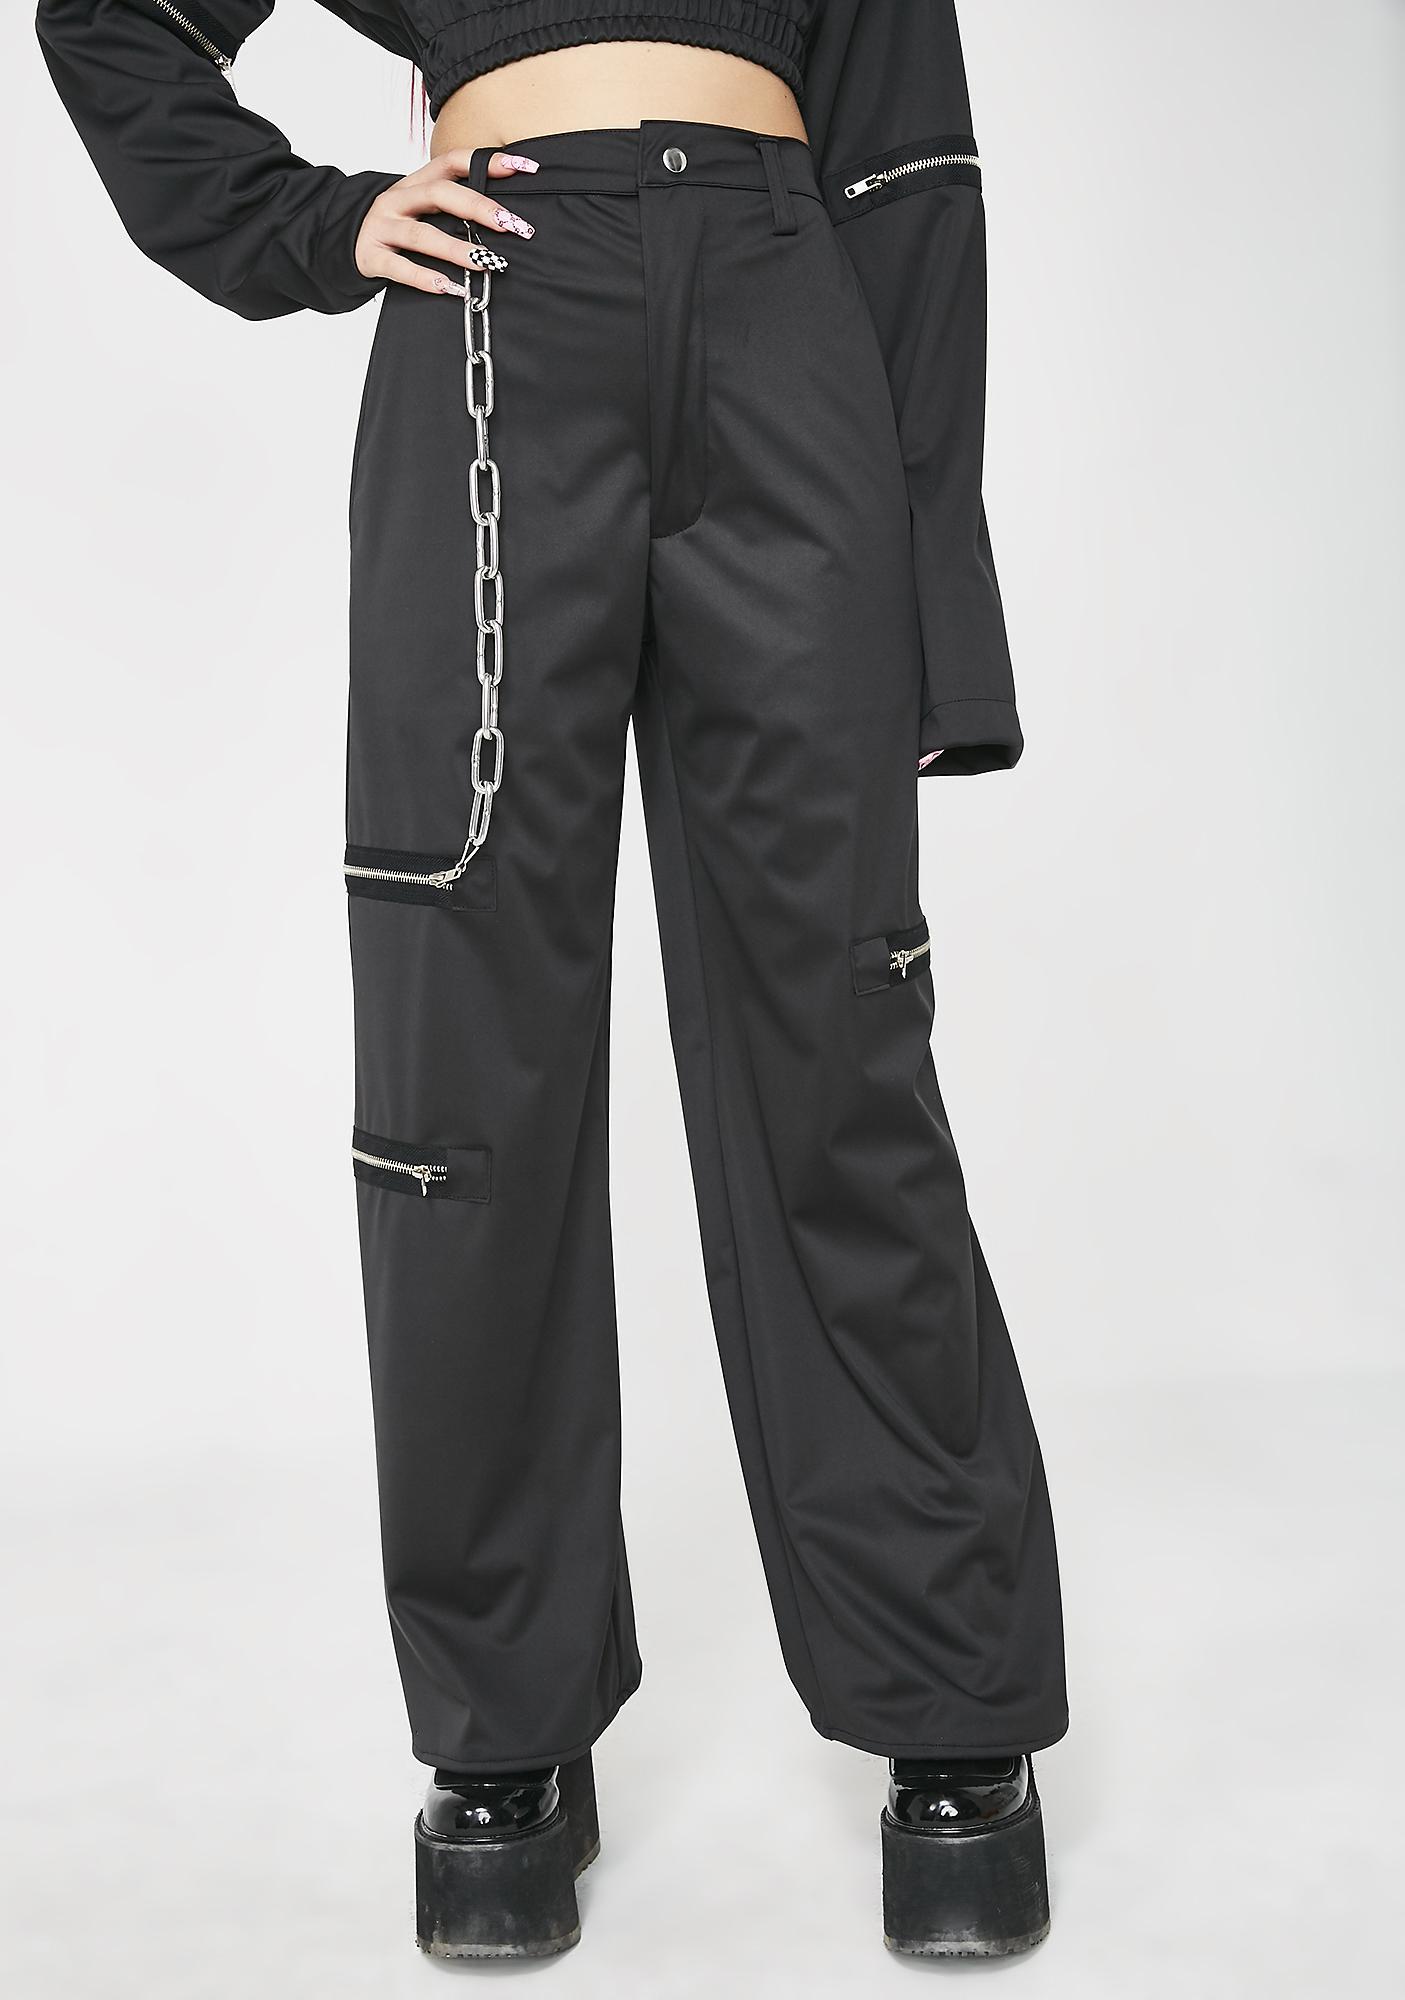 ESQAPE Chainge Wide Leg Pants